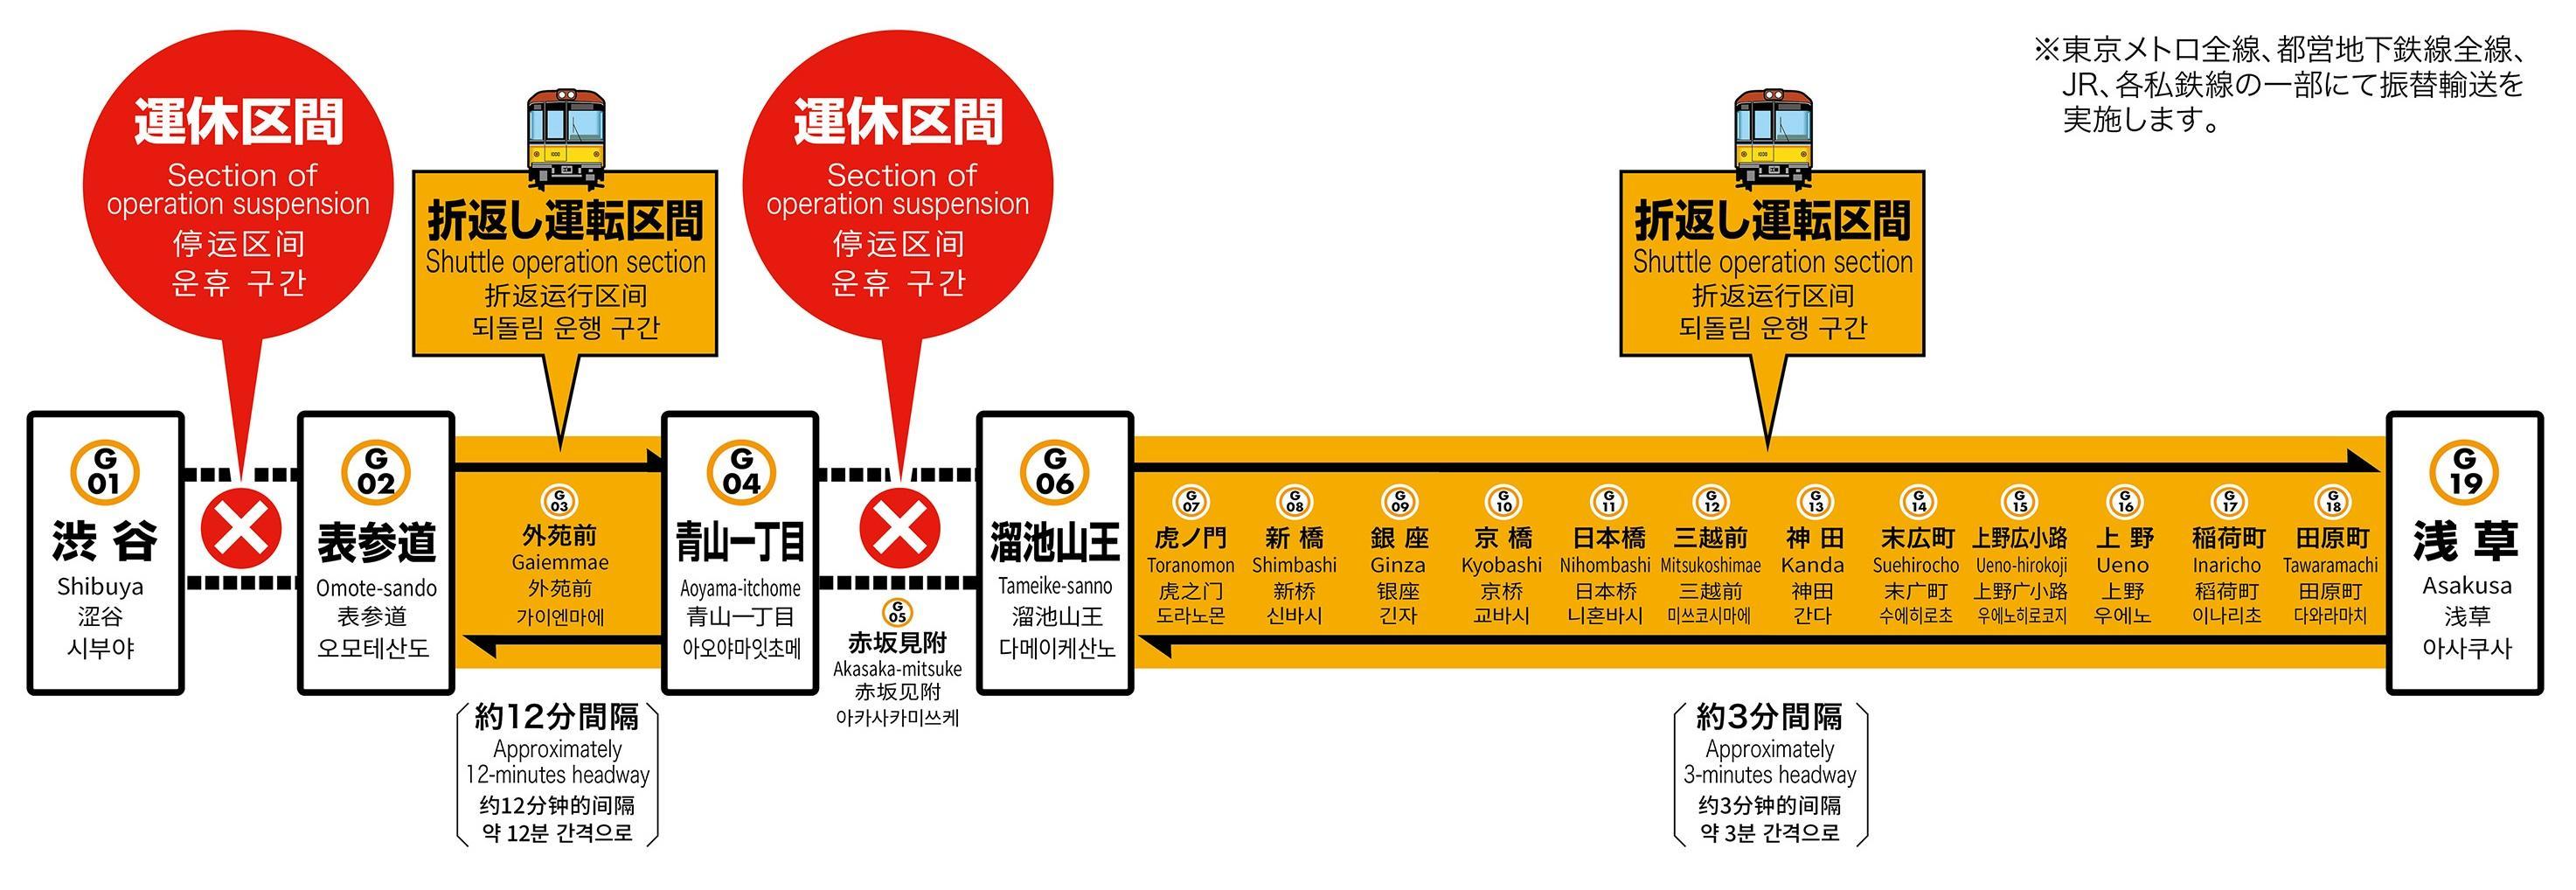 2019年12月28日(土)~2020年1月2日(木)銀座線渋谷駅線路切替工事に伴う一部区間終日運休のお知らせ